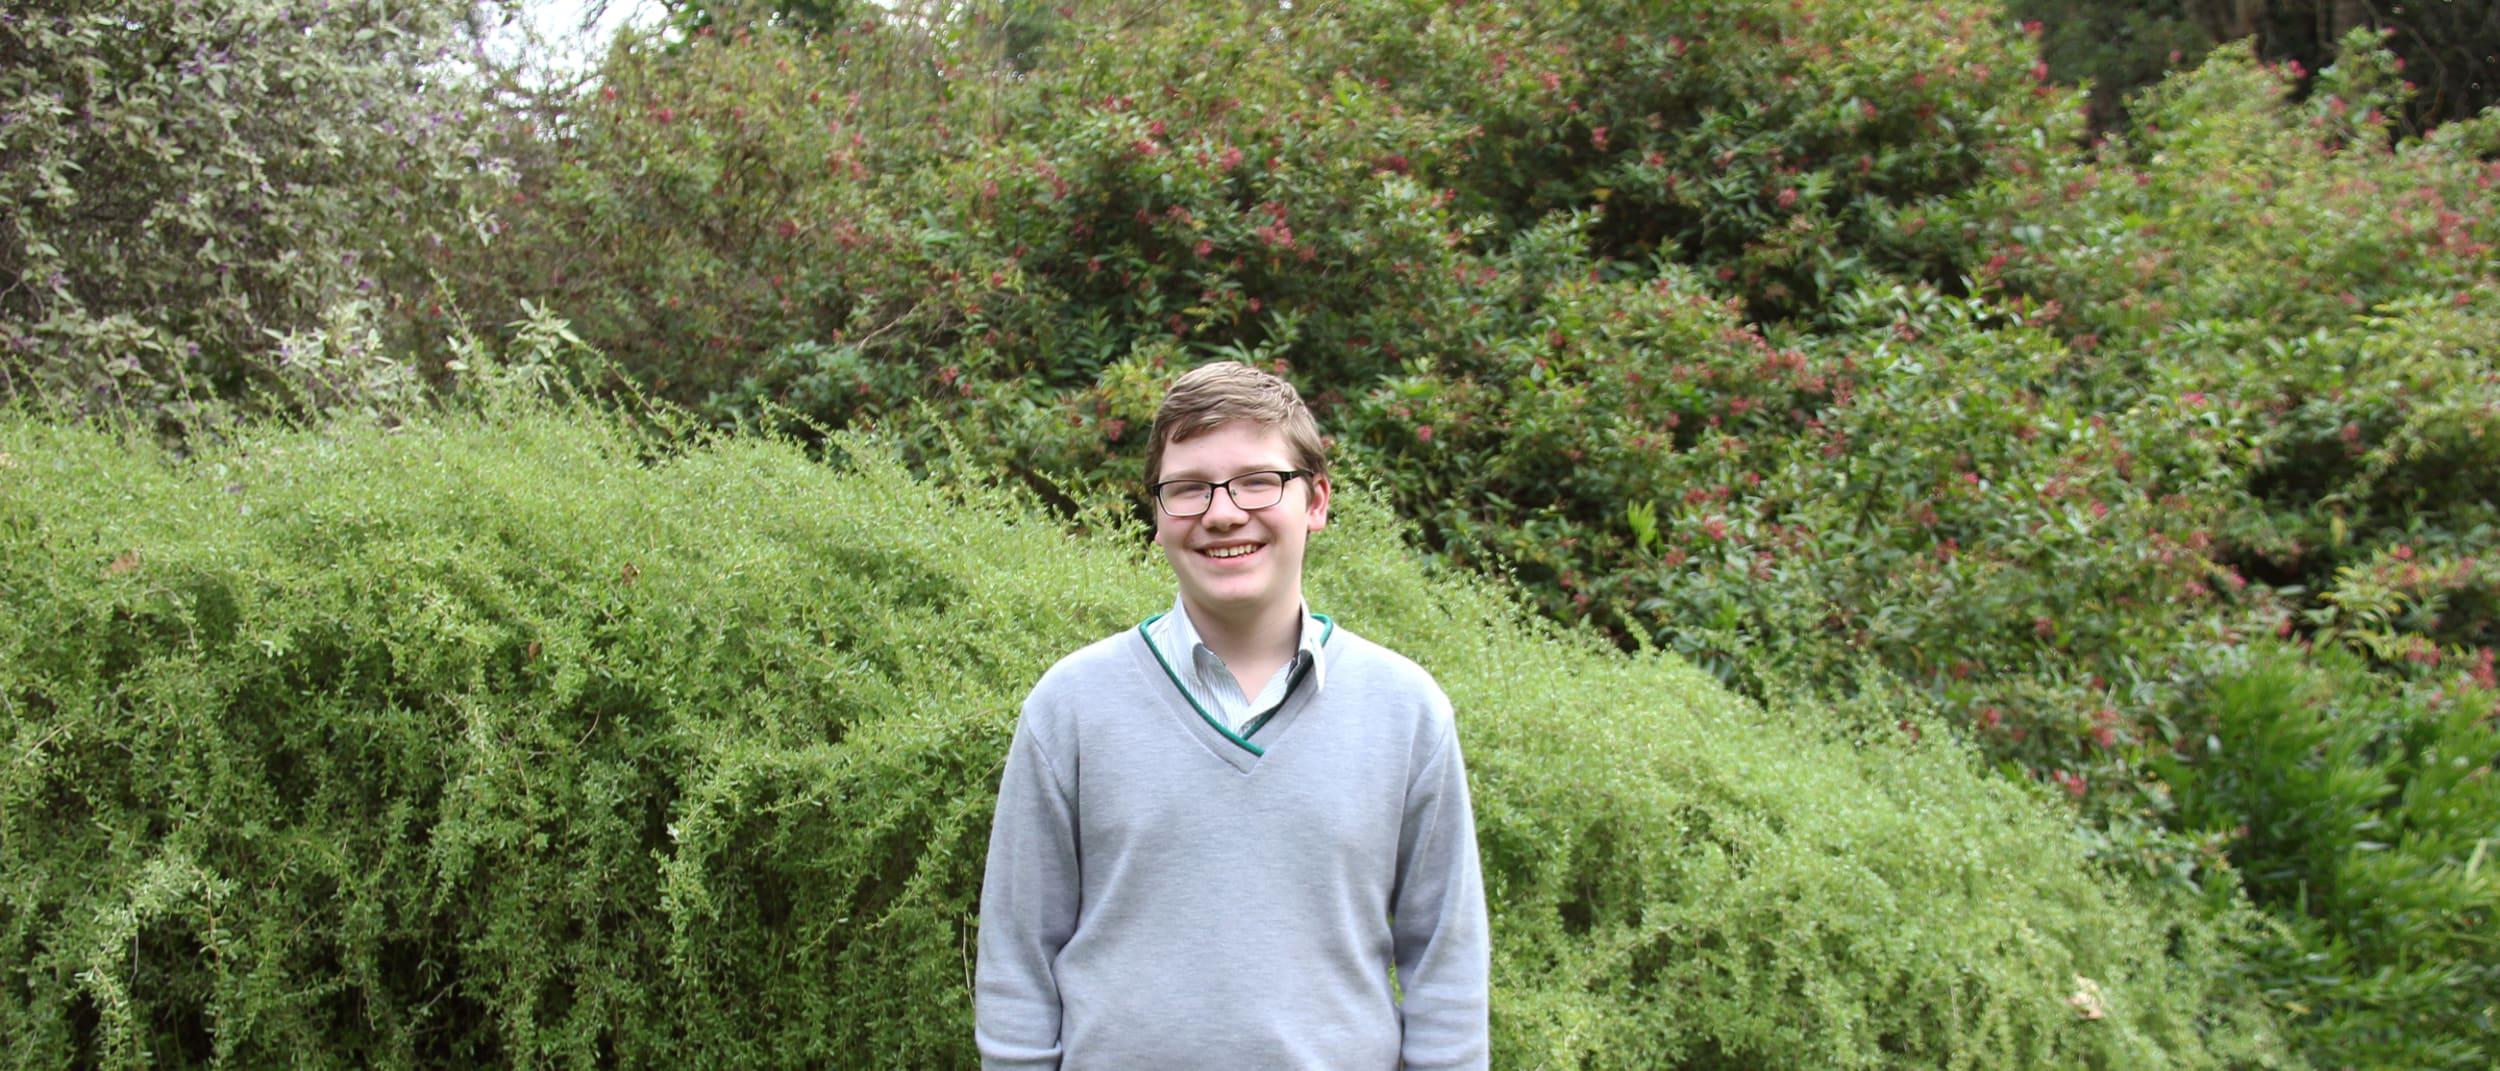 Samuel Weavers - Westfield Local Heroes 2020